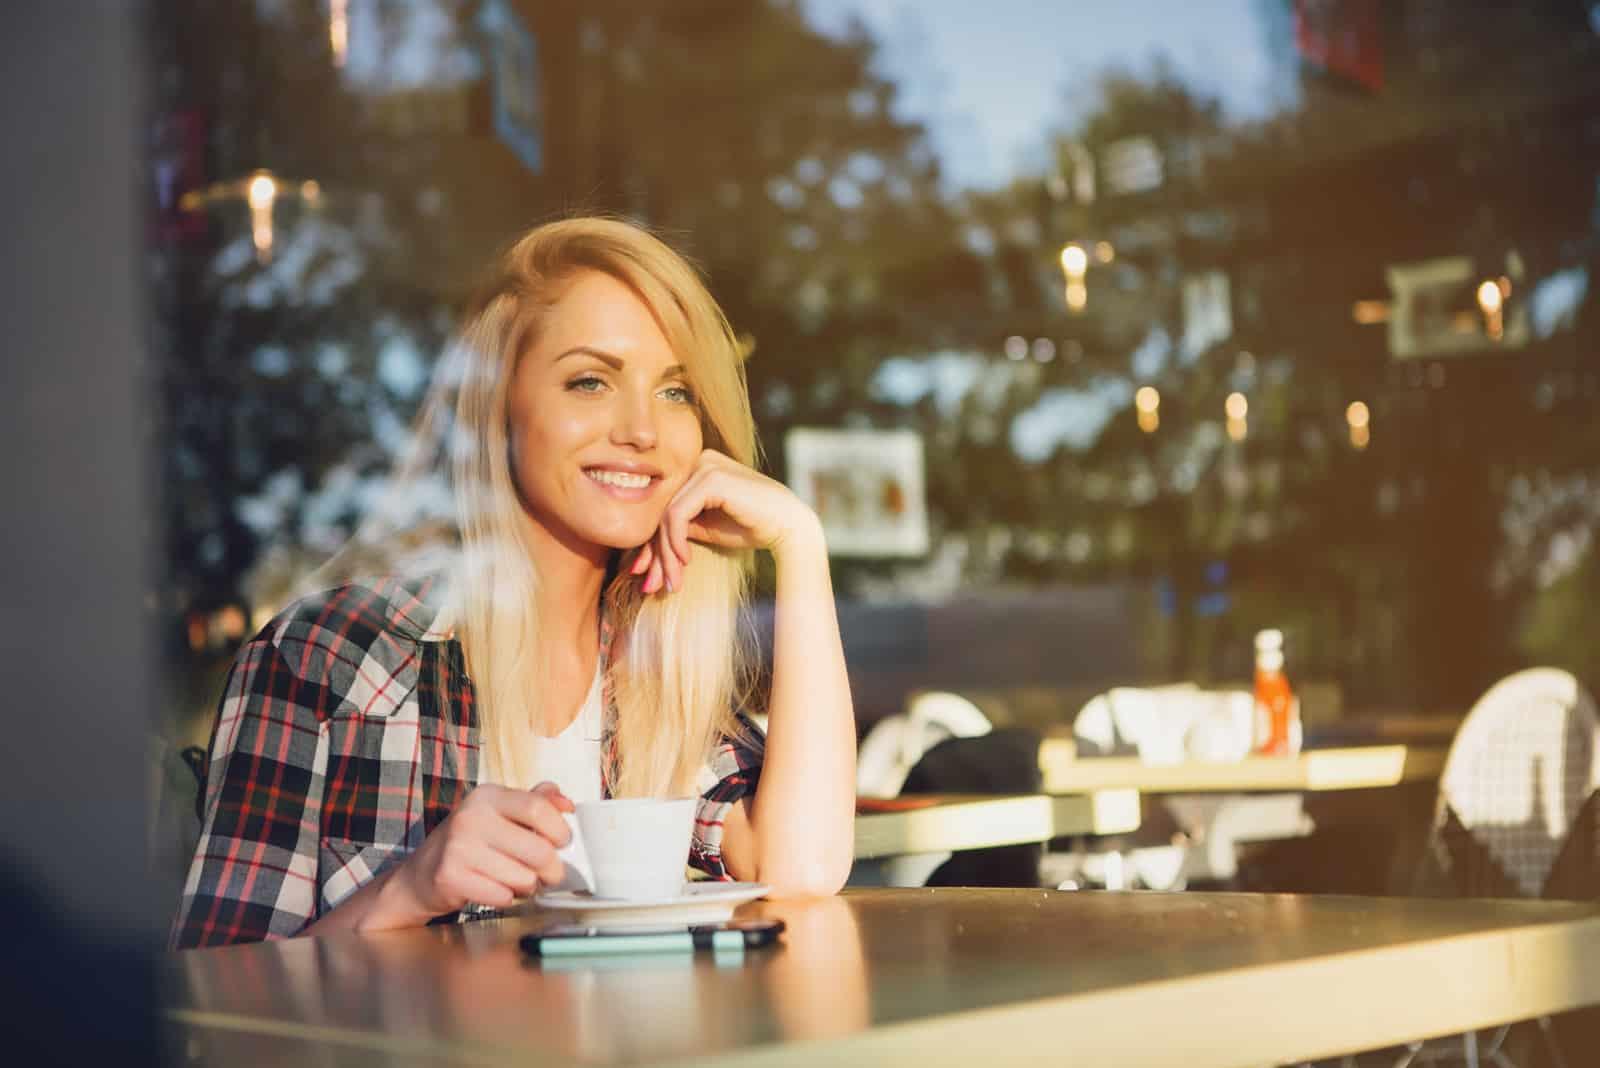 une femme imaginaire assise dans un café